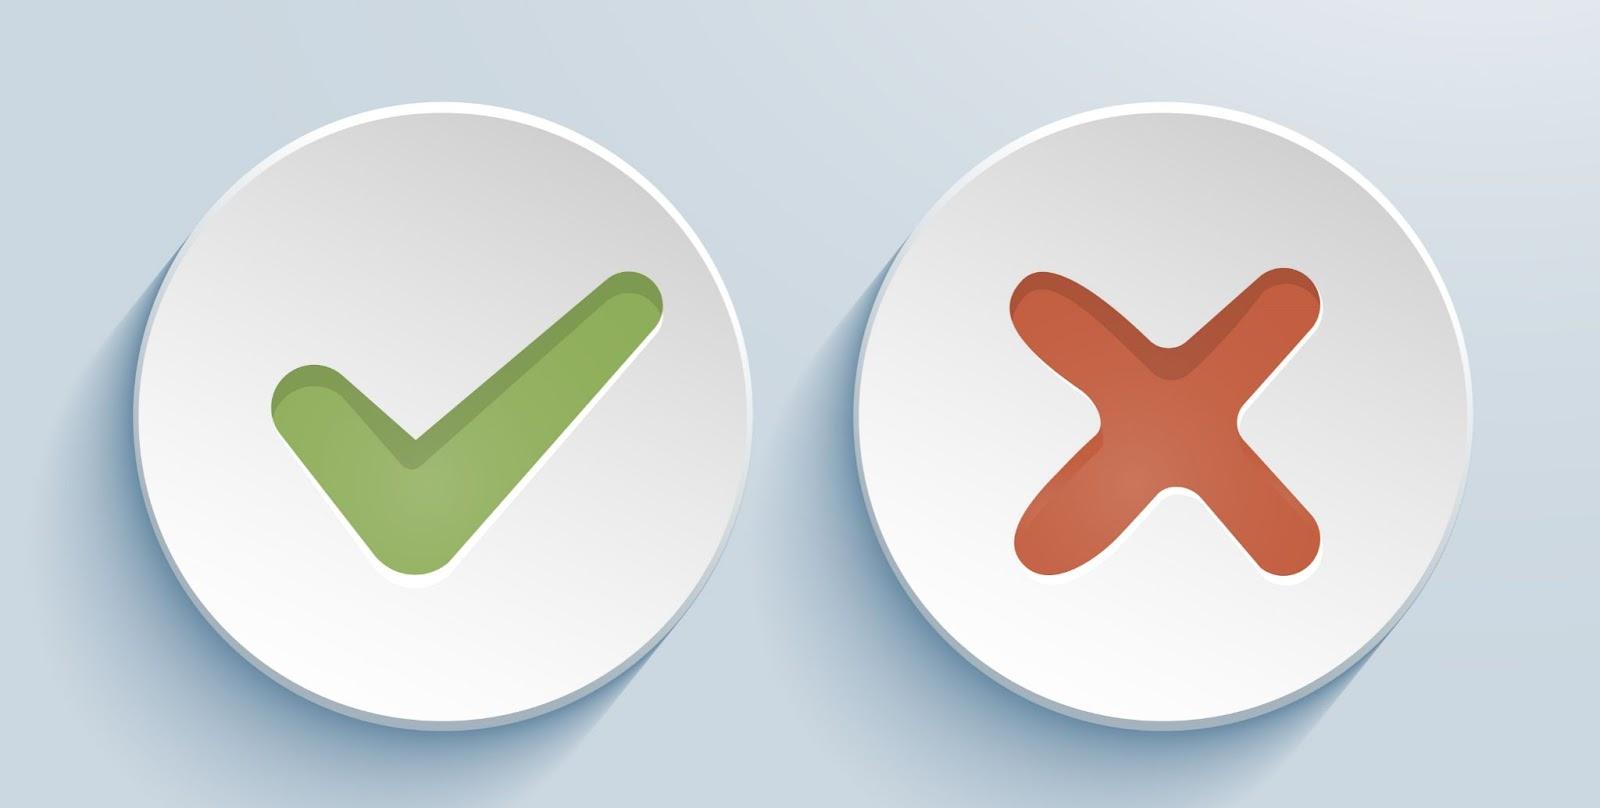 Trong một số trường hợp, một hoặc nhiều trang web có thể bị bỏ qua